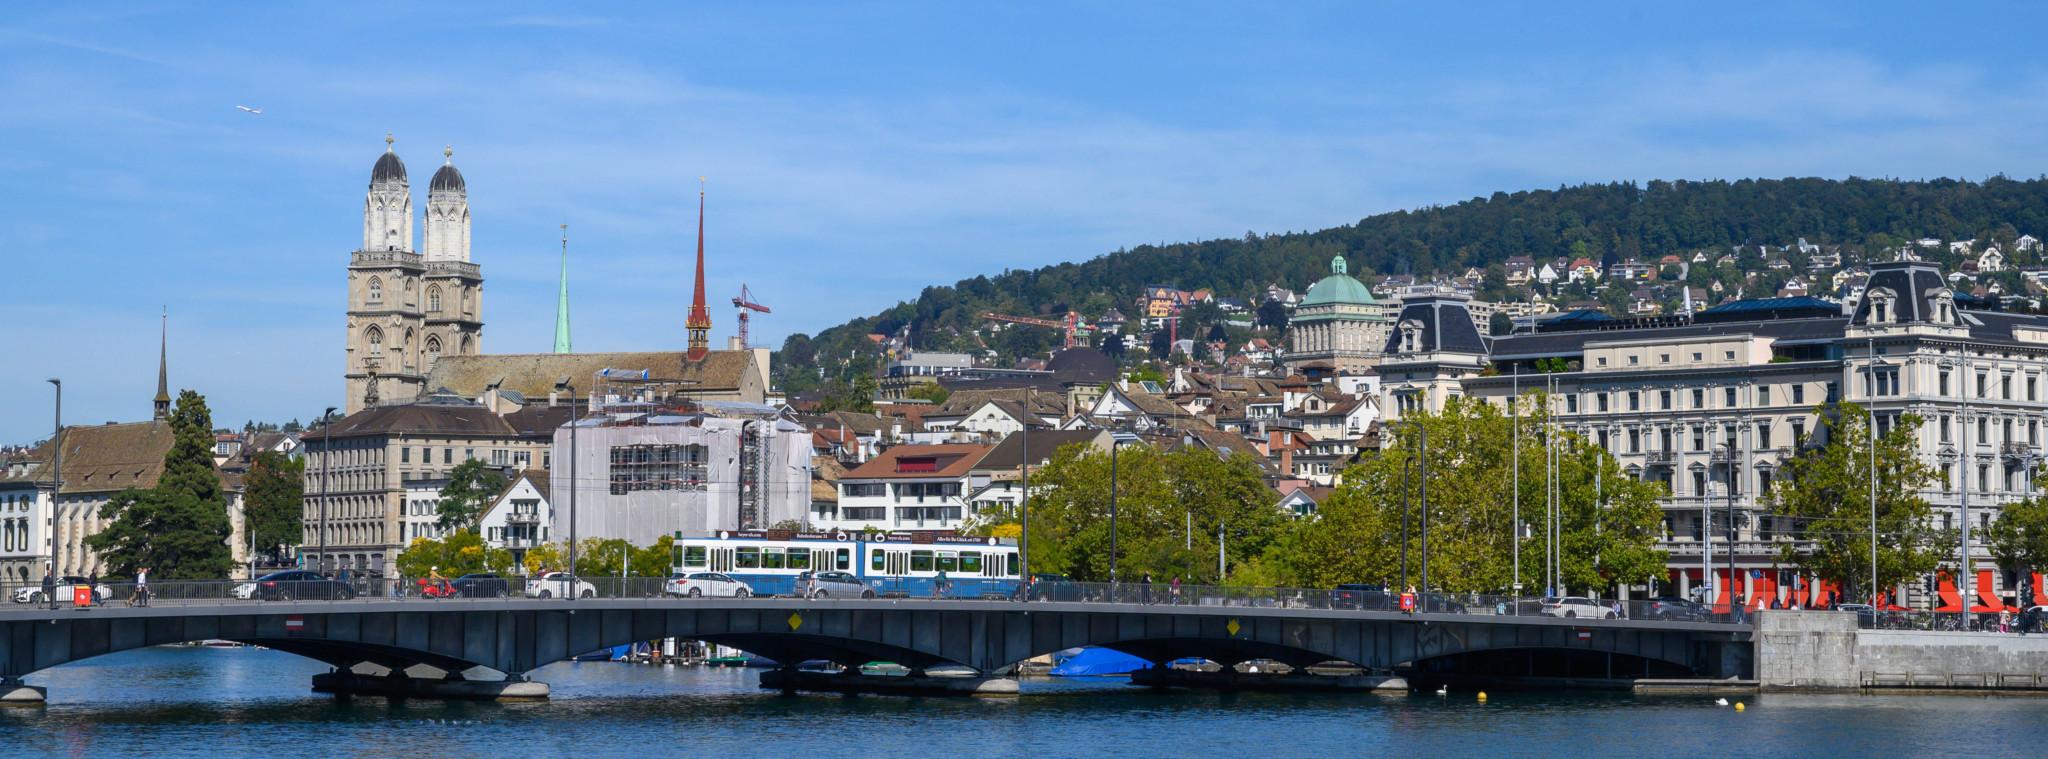 Zürich Sehenswürdigkeiten